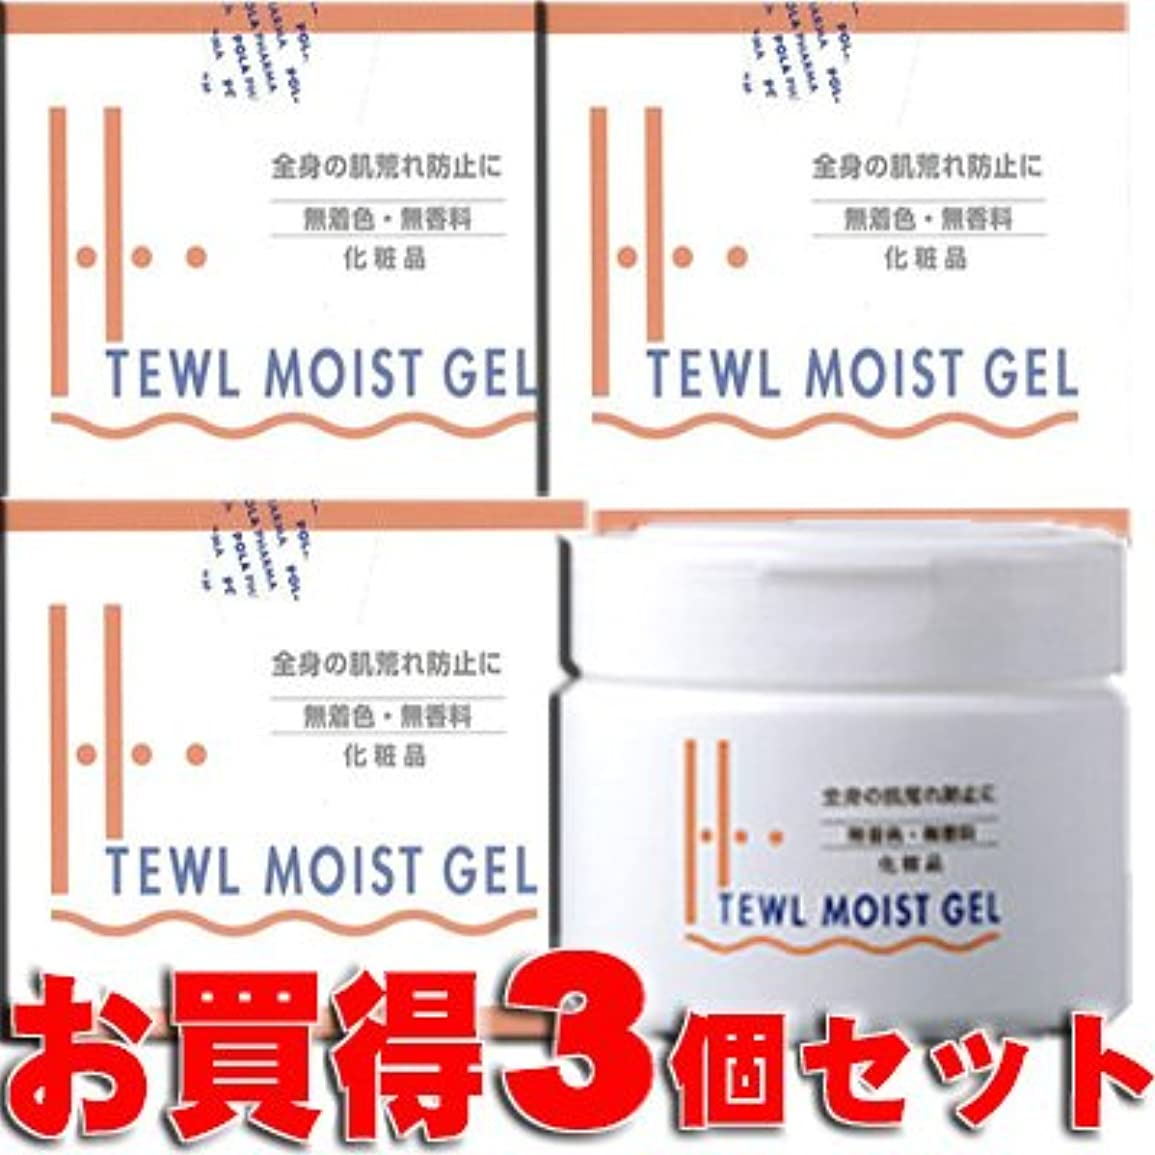 覚醒謎めいたおとなしい★お買得3個★ ハイテウル モイストジェル 300gx3個 (ポーラファルマ)エタノールや界面活性剤に敏感な方へおすすめするゲルクリームです。